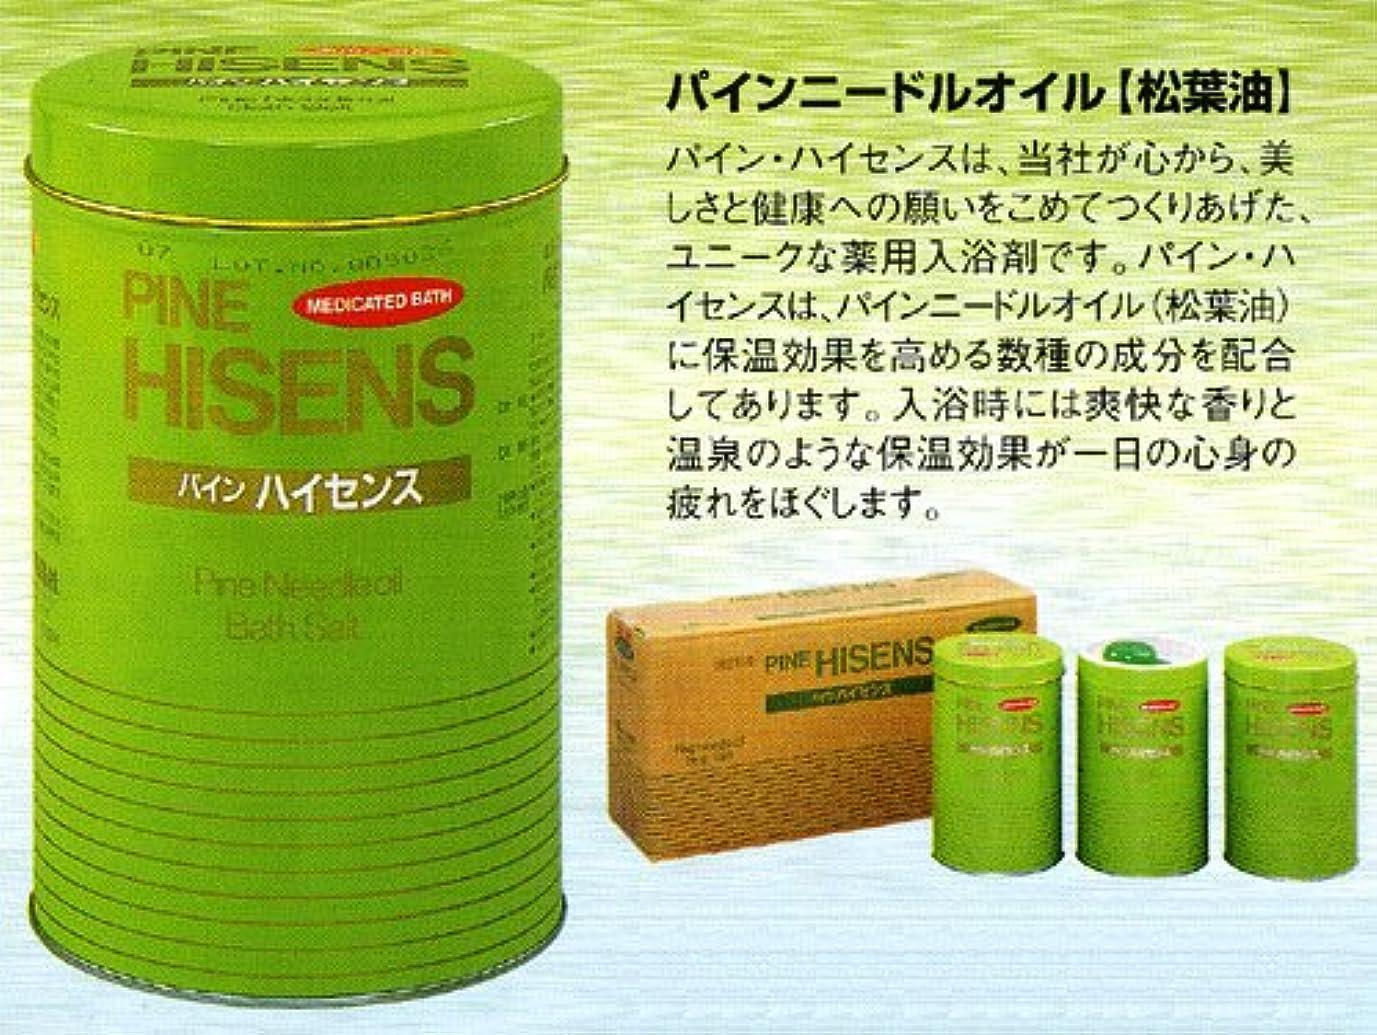 重荷病な透ける高陽社 薬用入浴剤 パインハイセンス 2.1kg 3缶セット